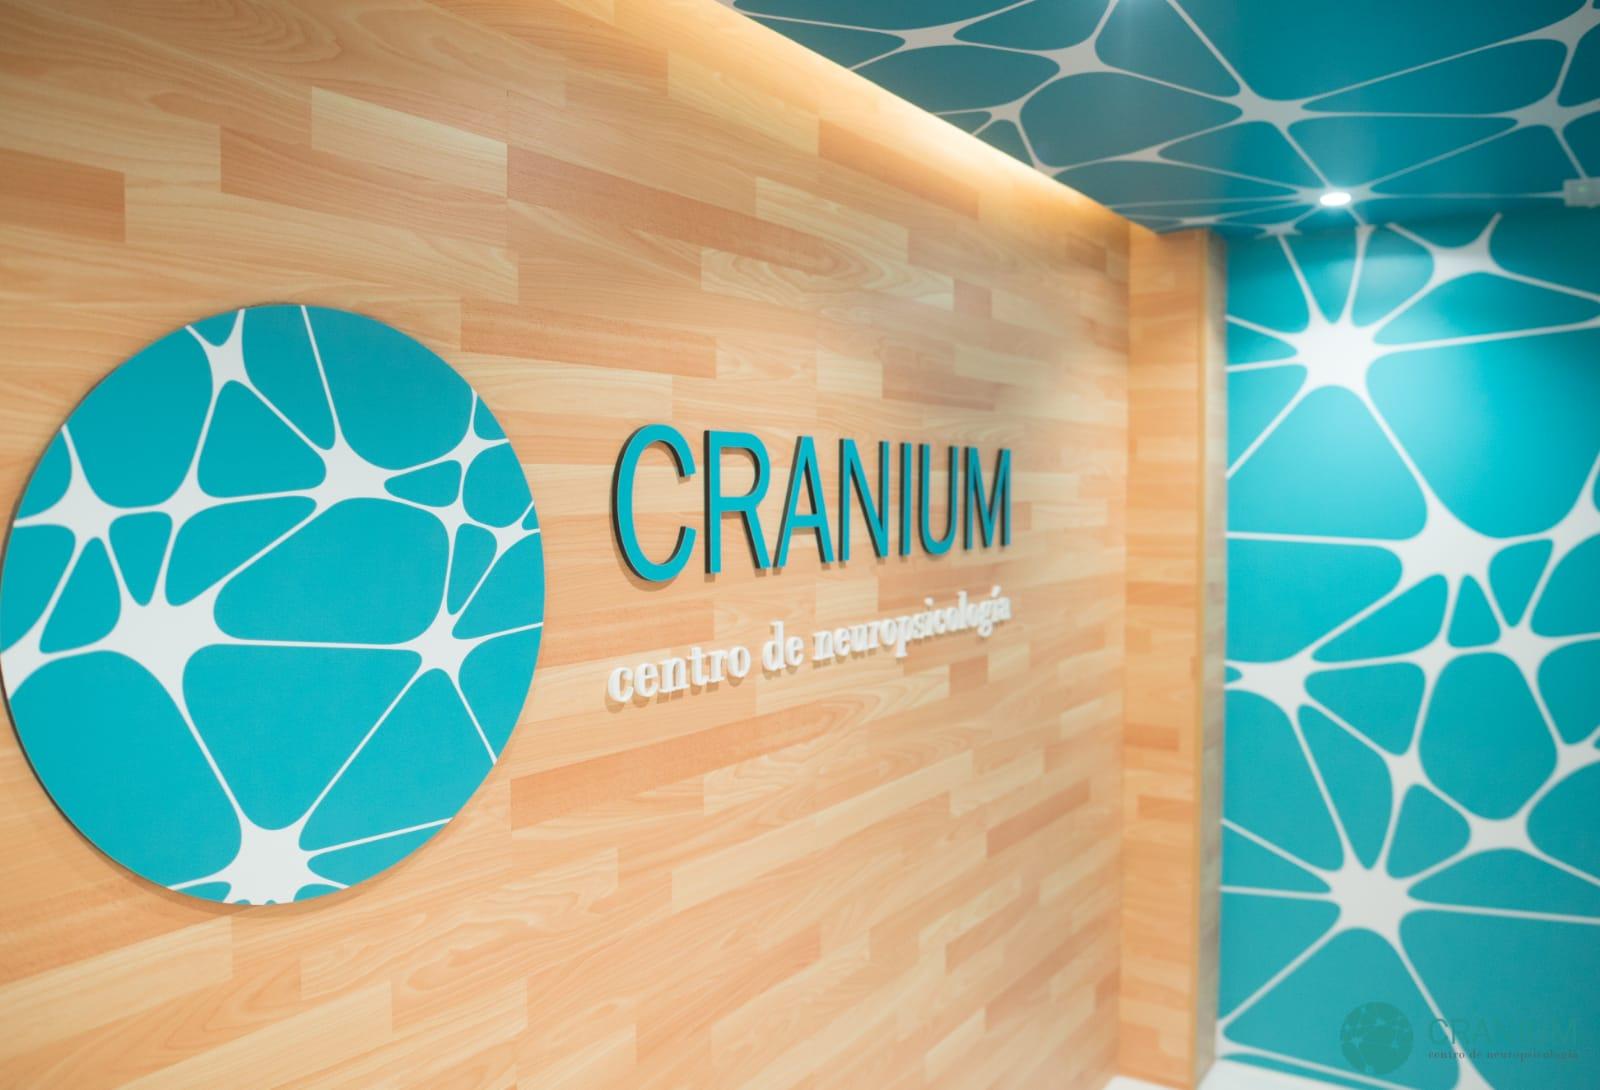 Centro-cranium